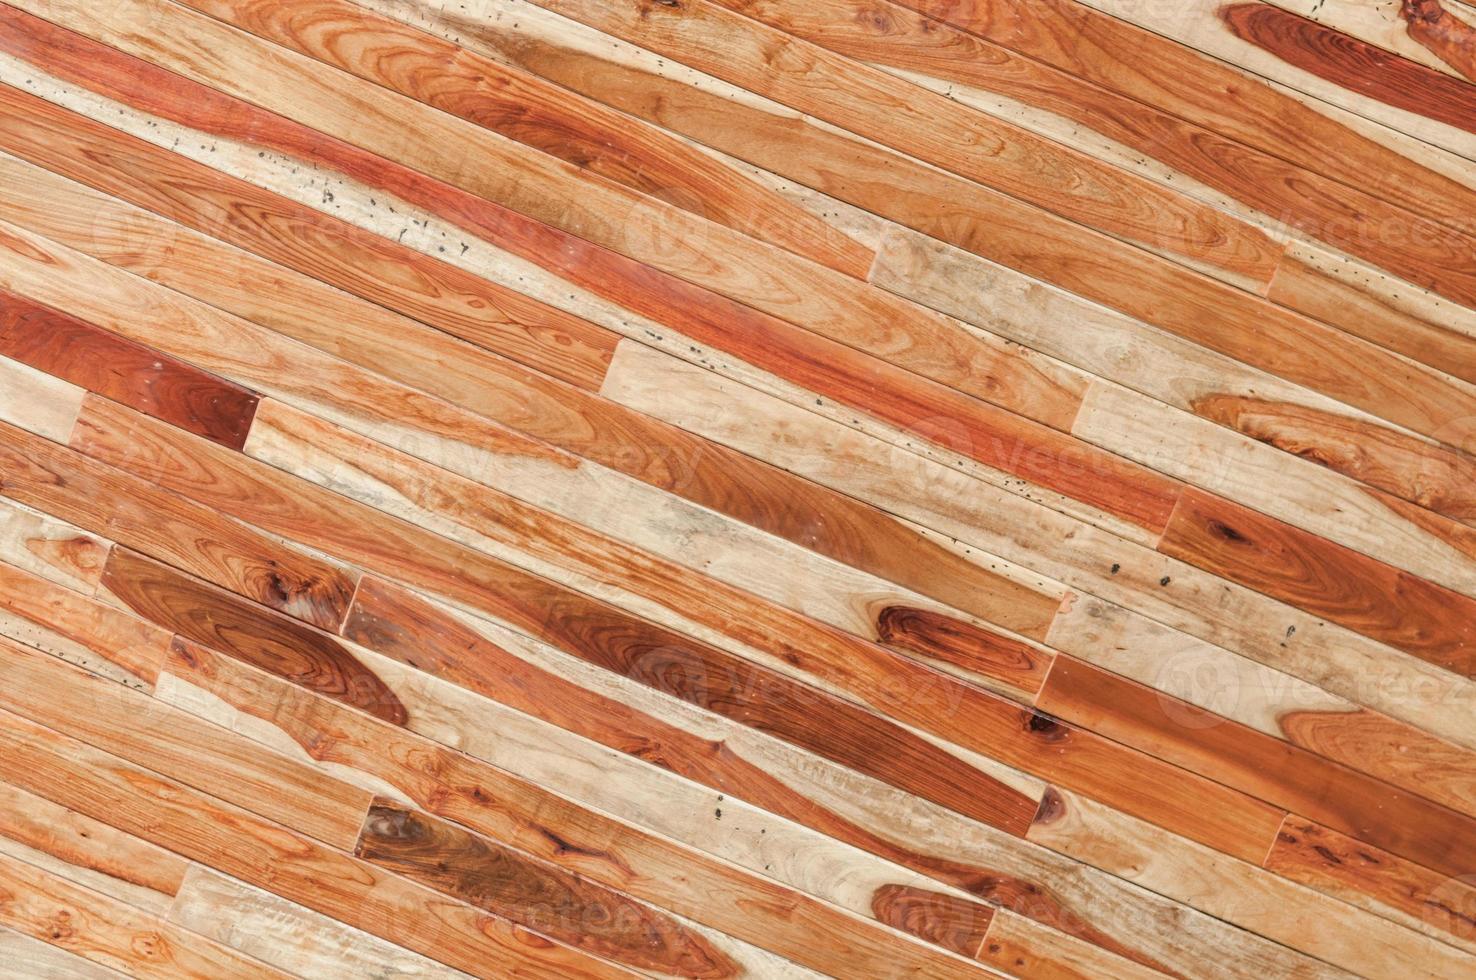 schöne Decke Holz strukturiert foto